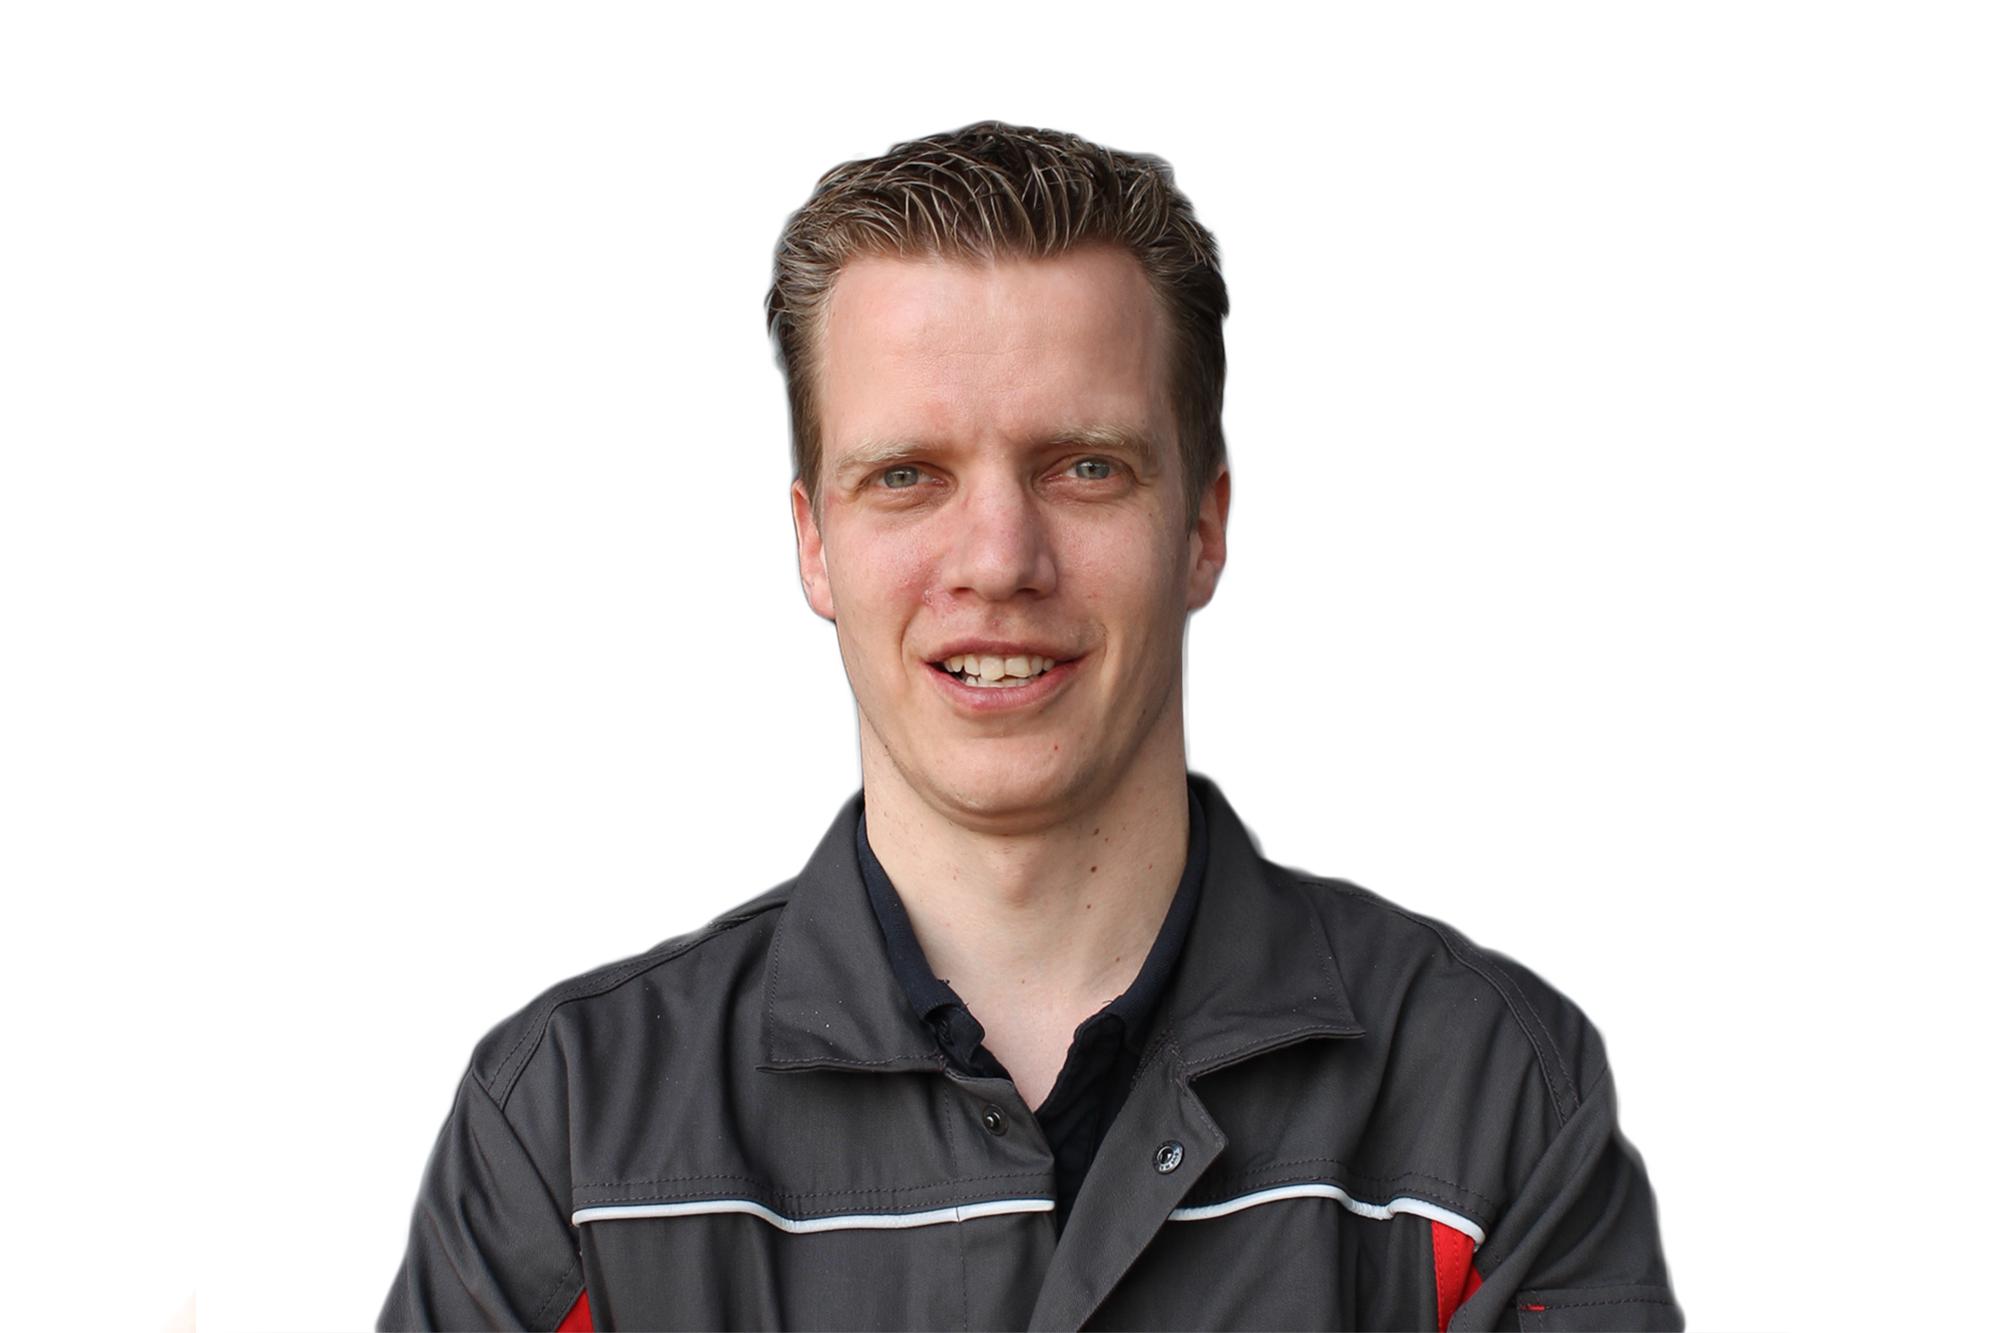 Mark Scheers